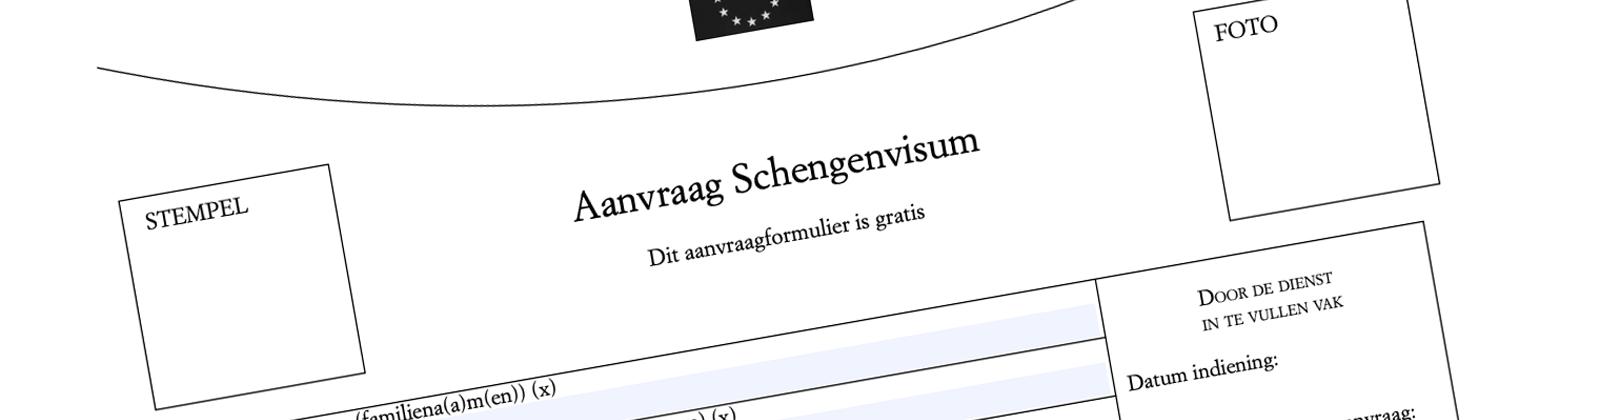 Schengenvisum aanvragen